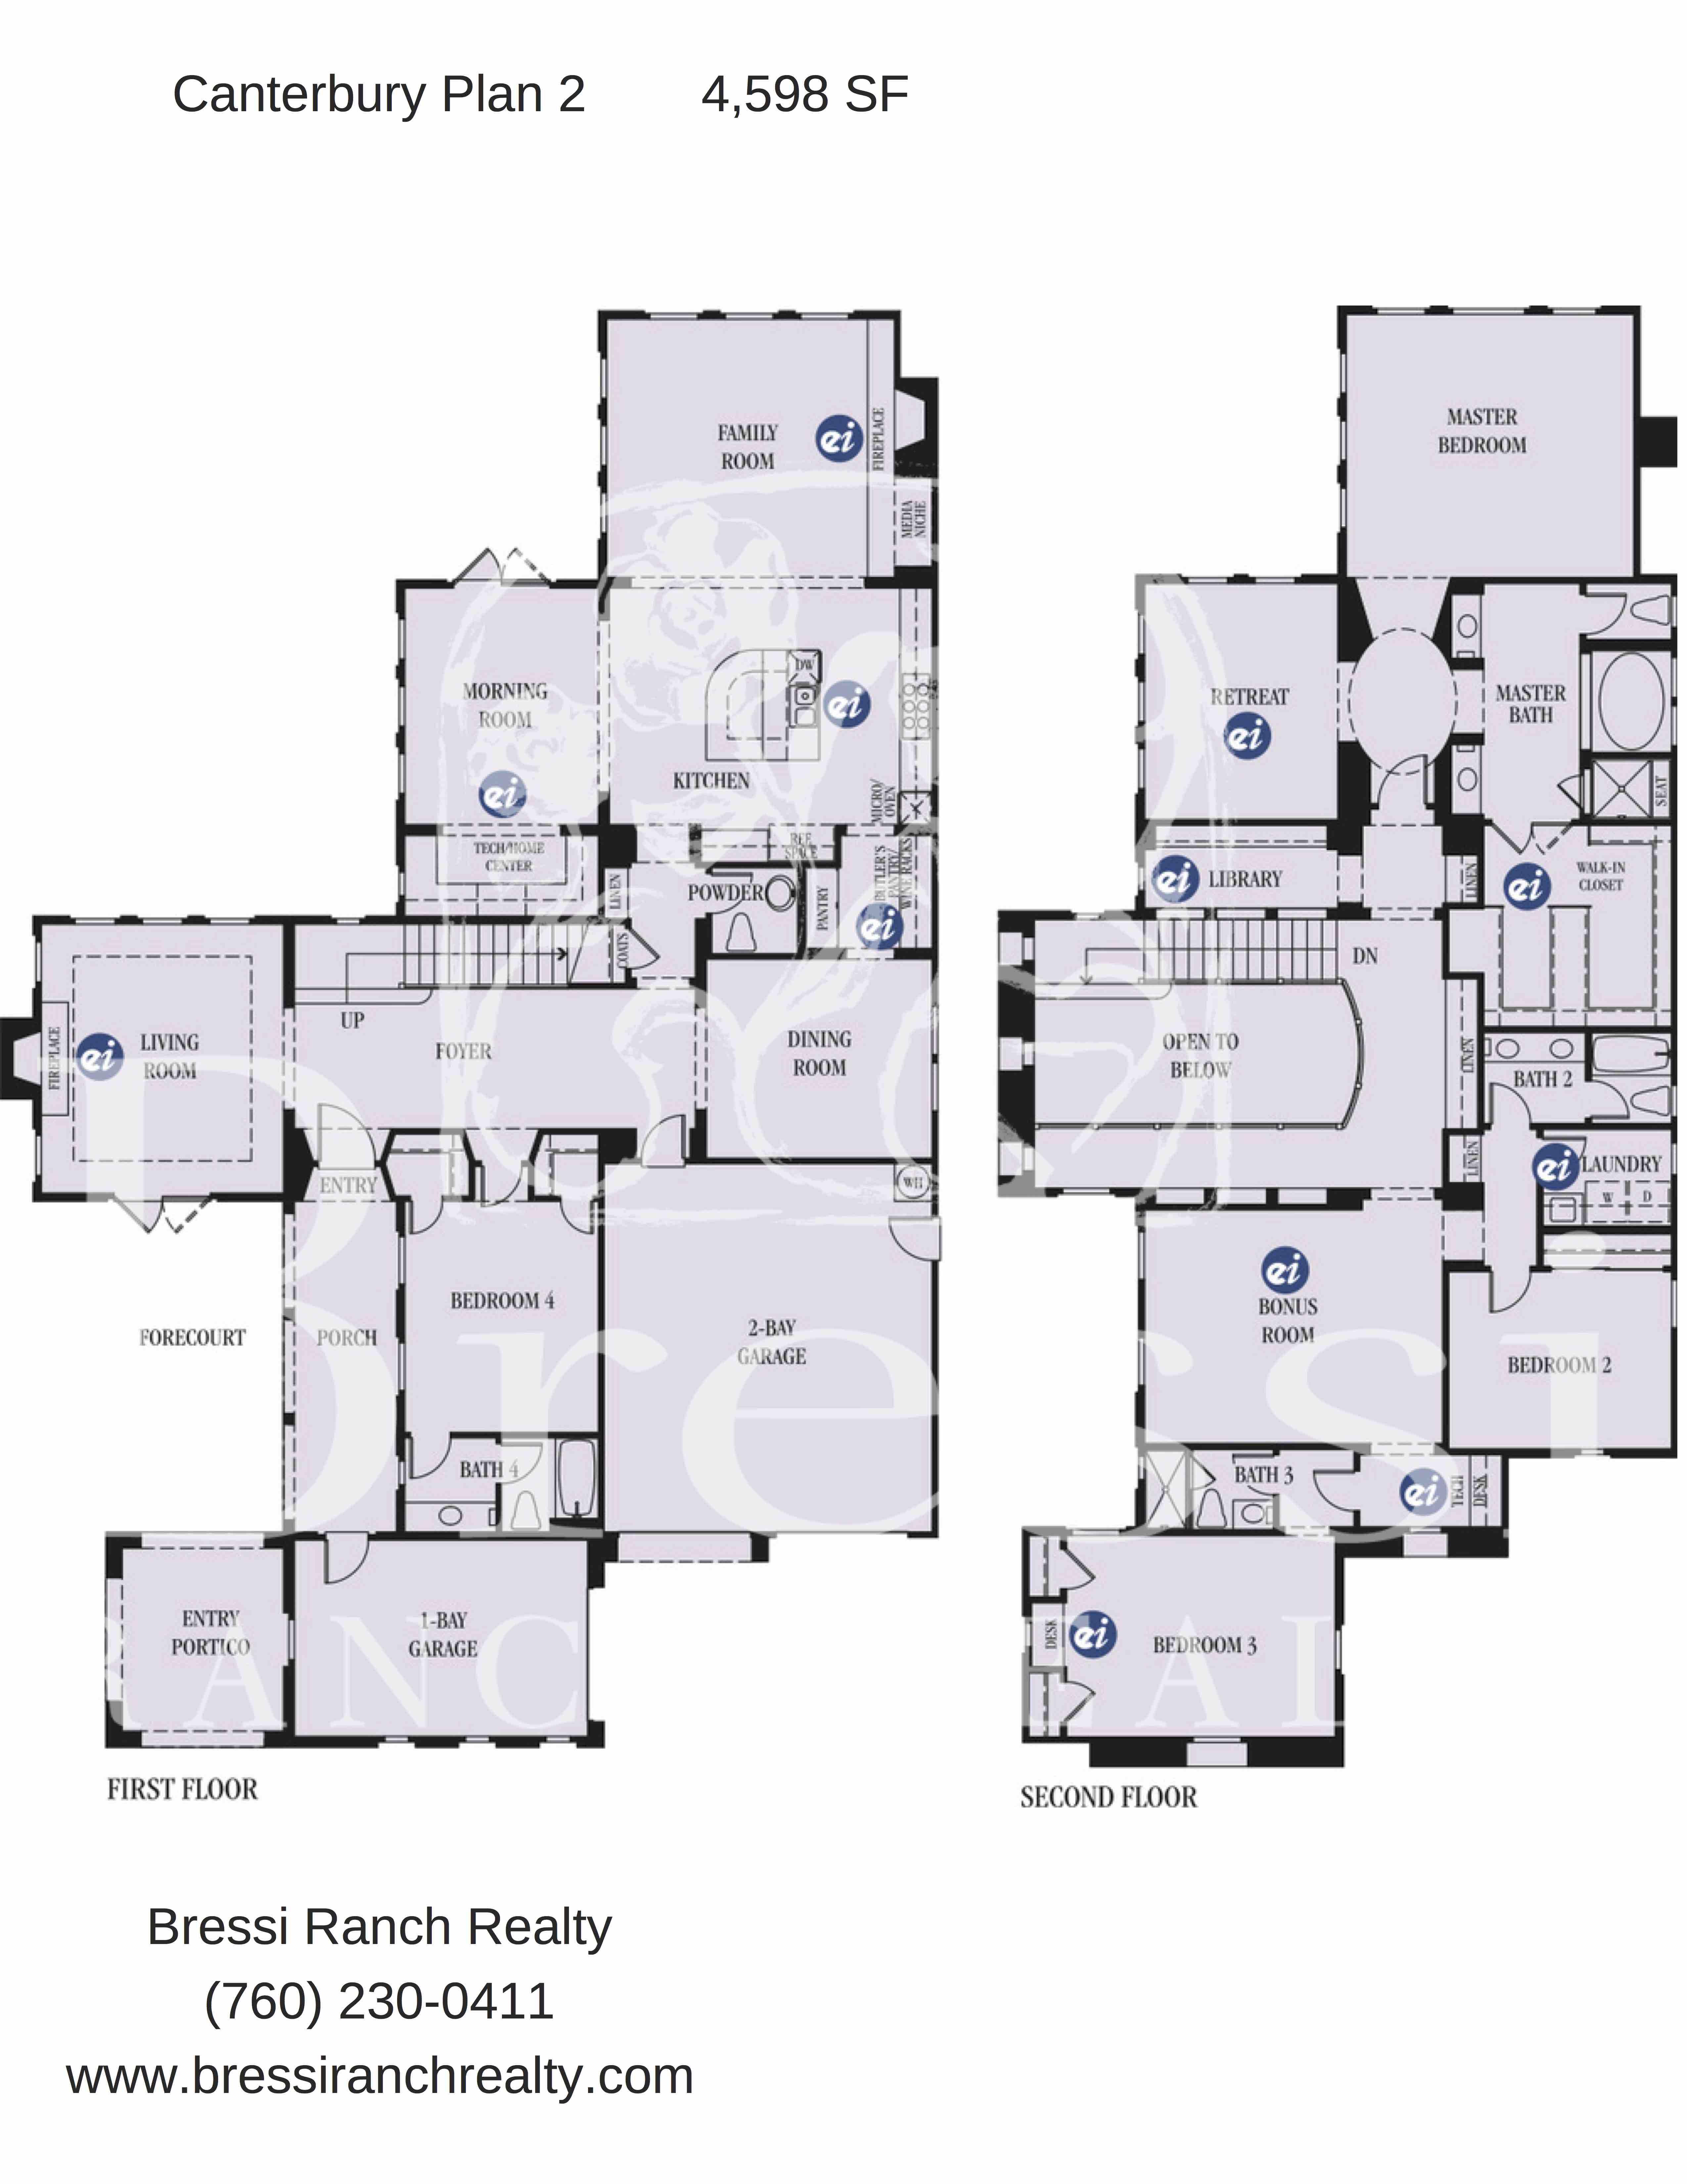 Canterbury Plan 2 Floor Plan